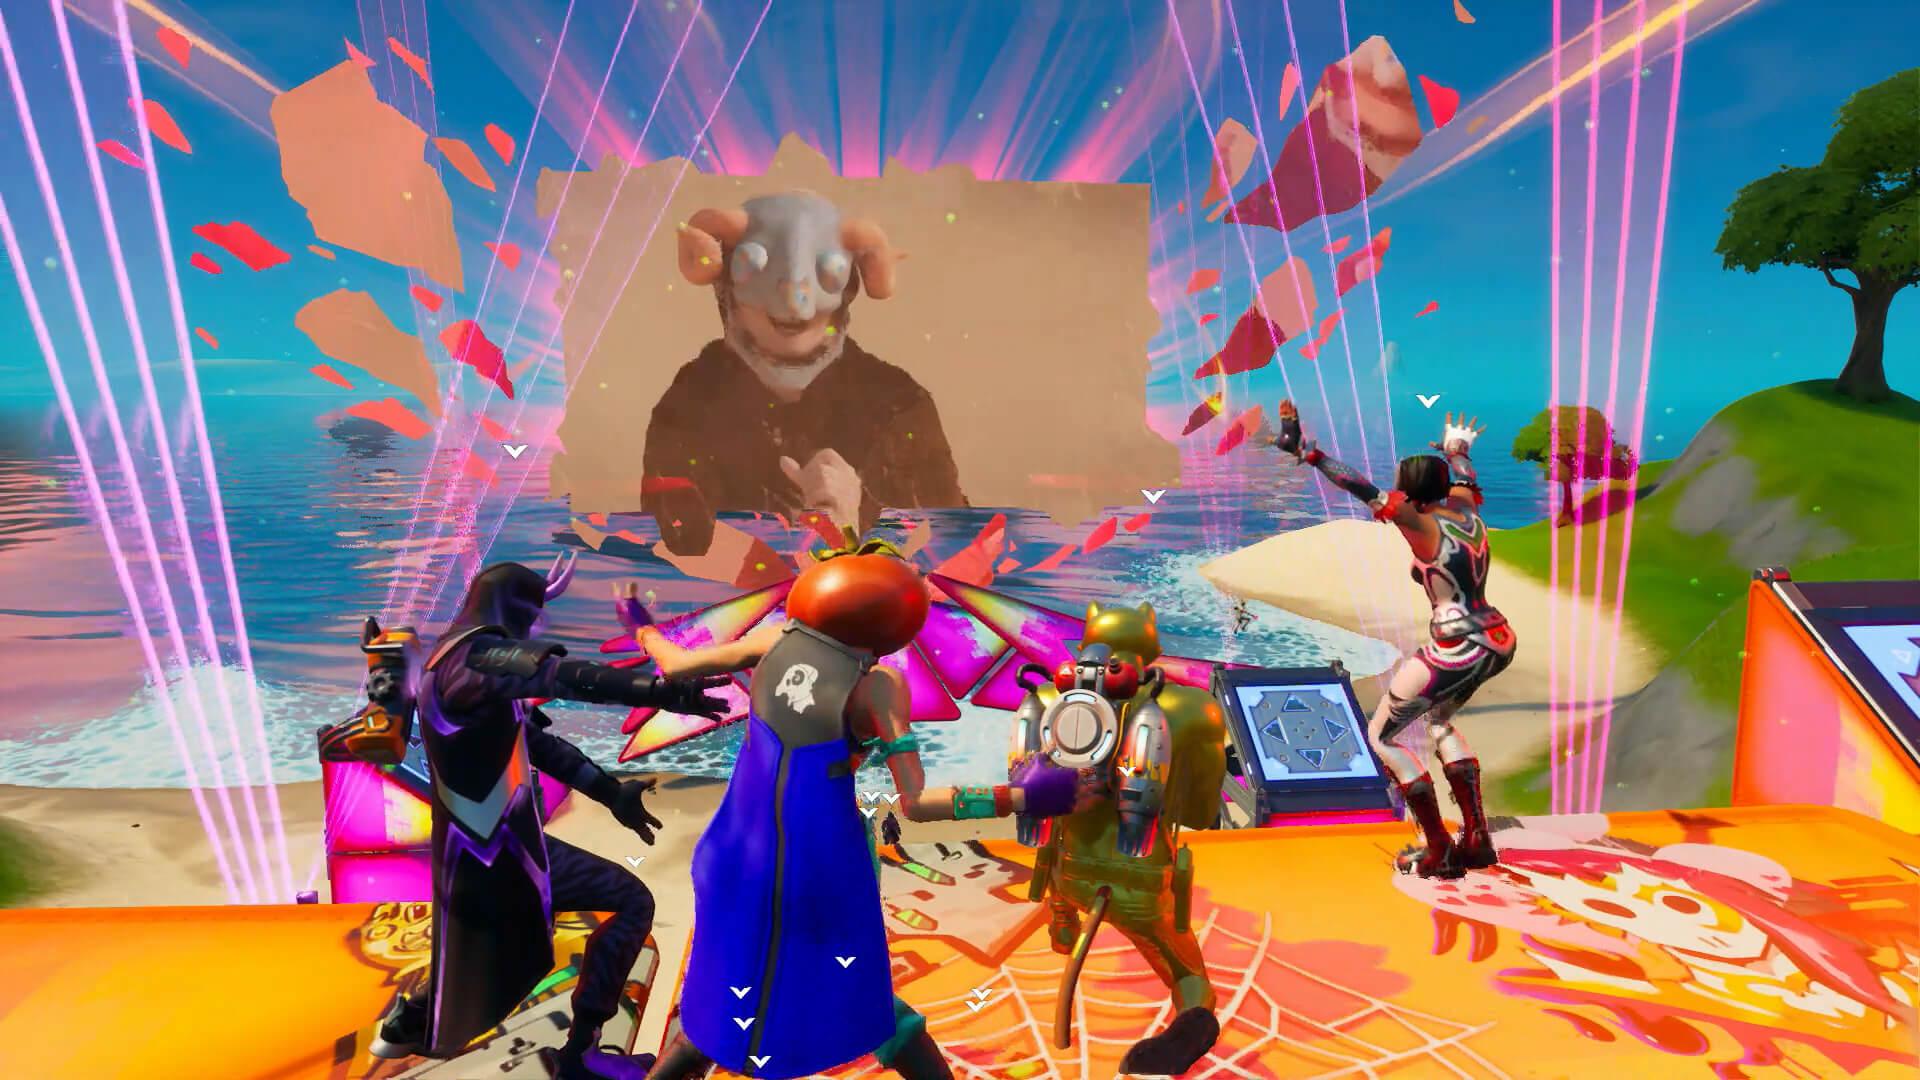 """米津玄師、『フォートナイト』パーティーロイヤルで""""新しく美しい一瞬""""を世界中のファンと共有! tech200807_yonezukenshi_fortnite_14"""